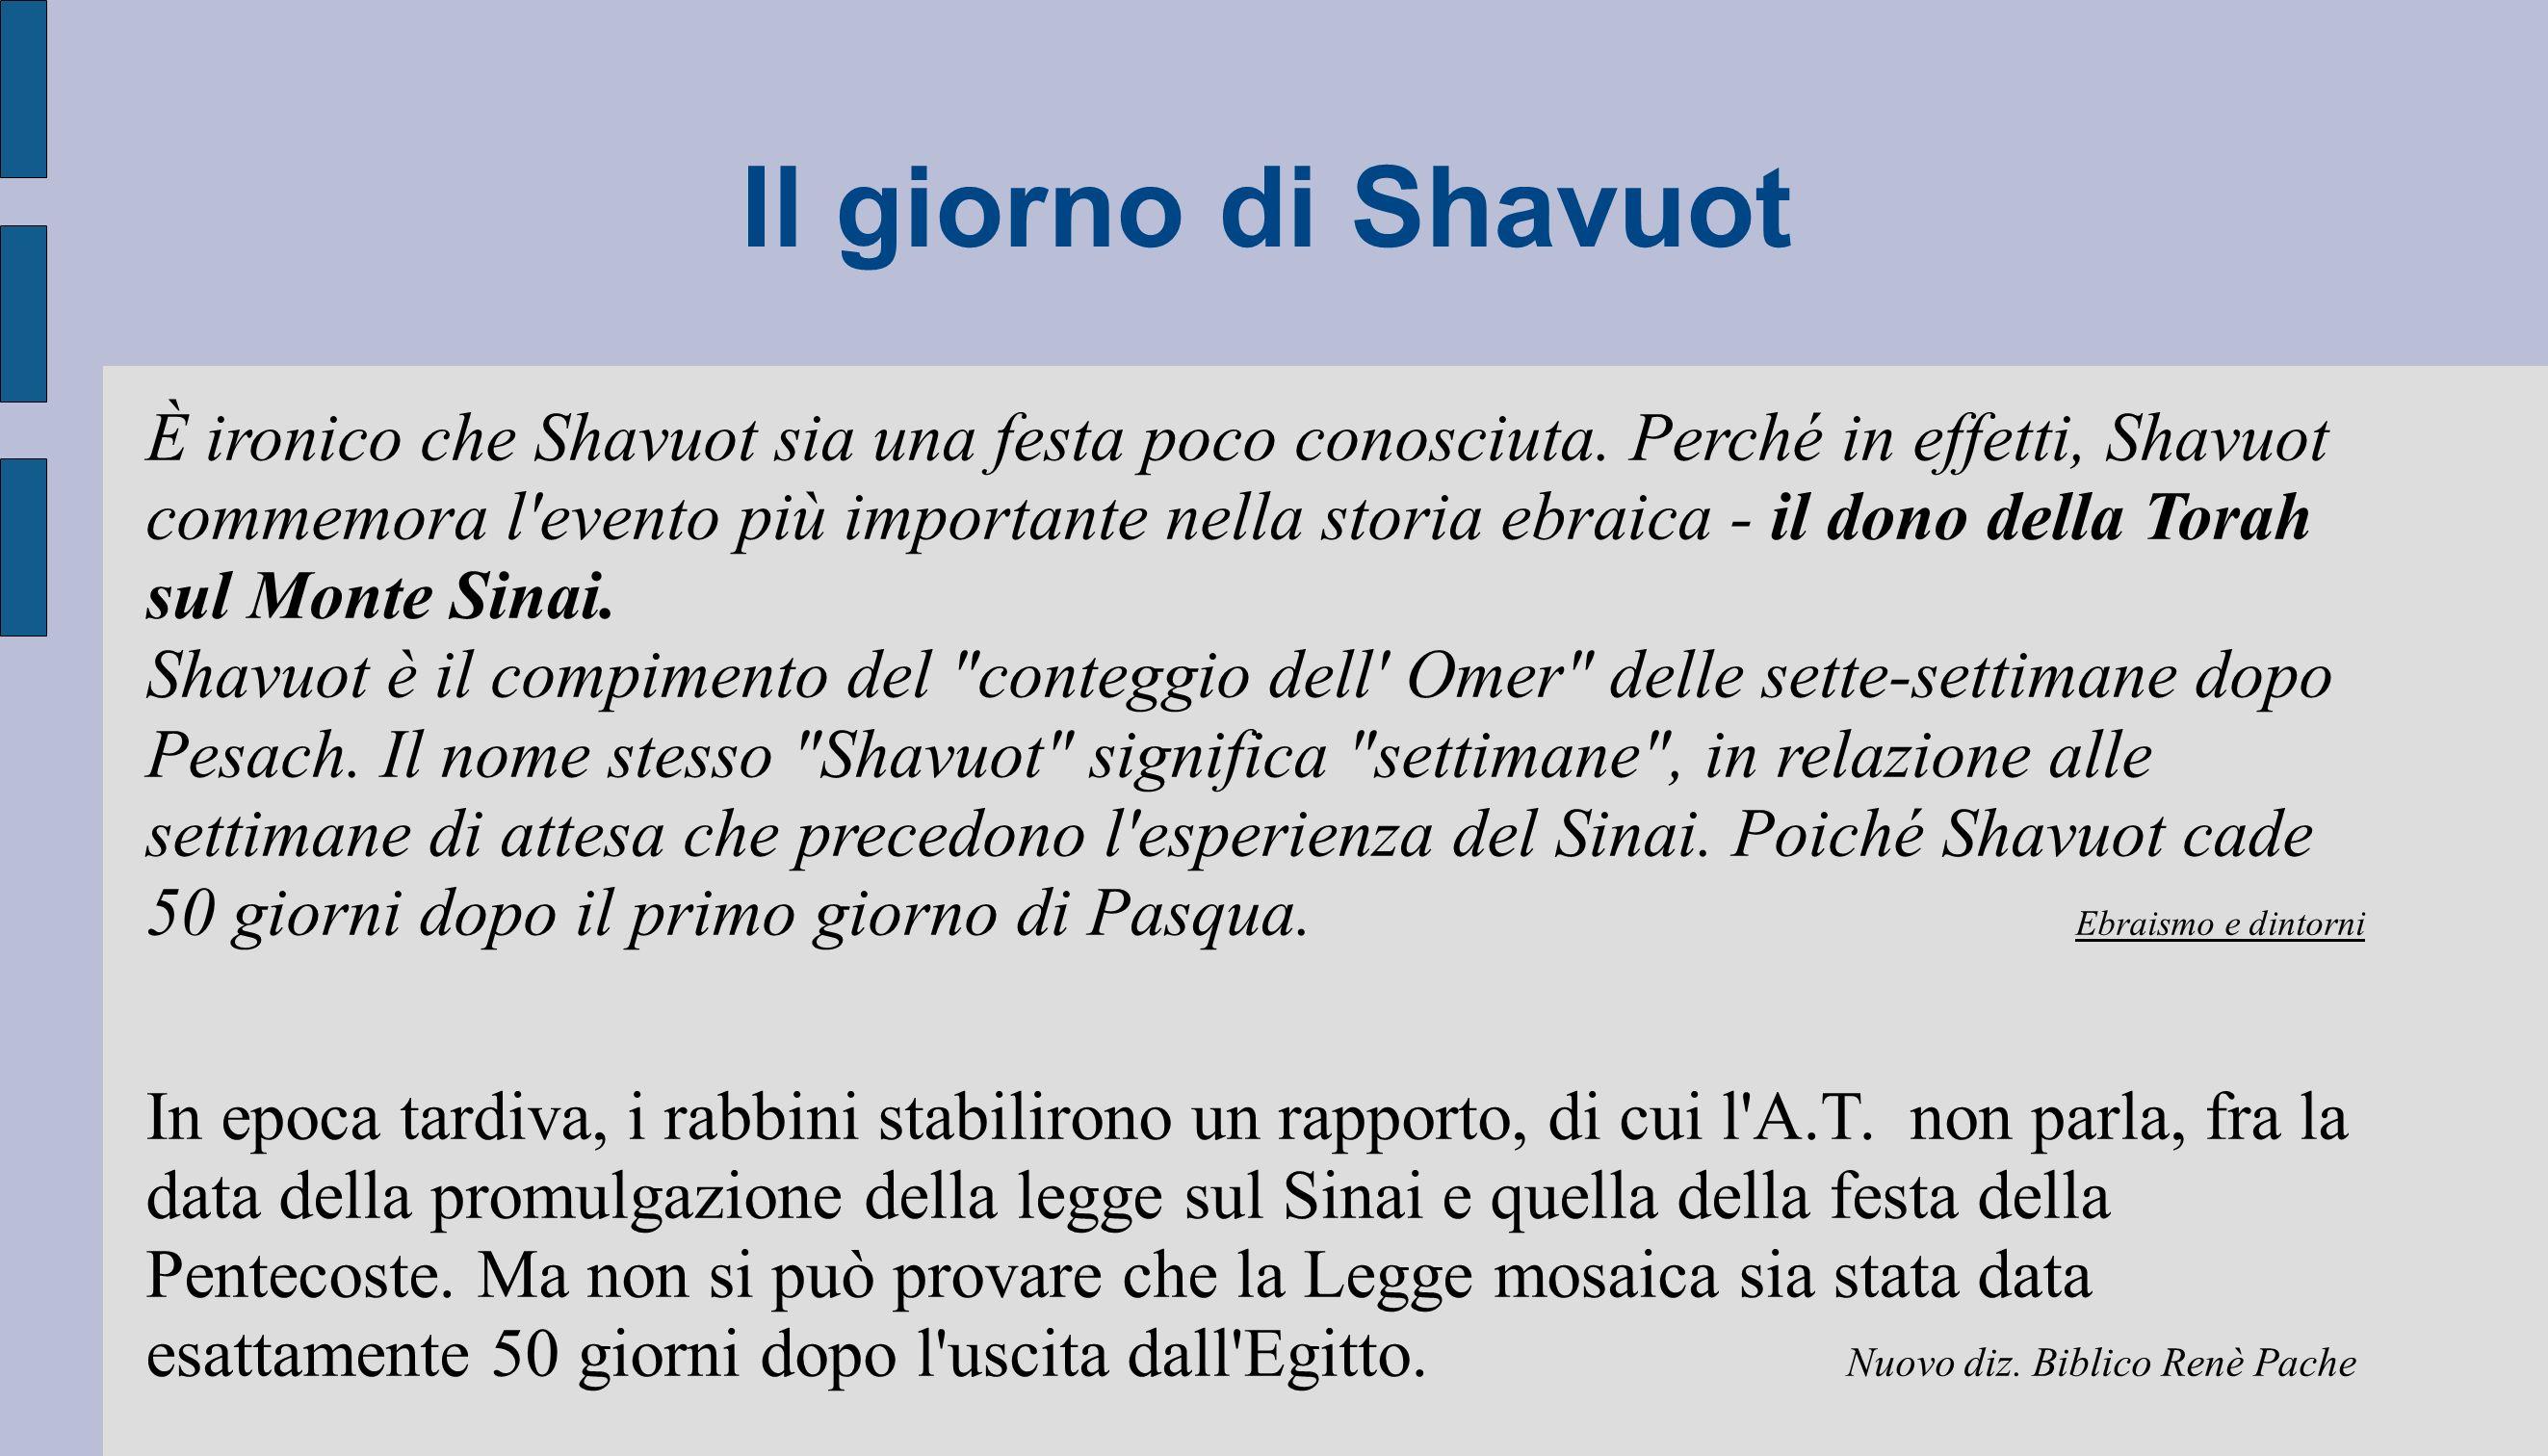 Il giorno di Shavuot È ironico che Shavuot sia una festa poco conosciuta. Perché in effetti, Shavuot commemora l'evento più importante nella storia eb